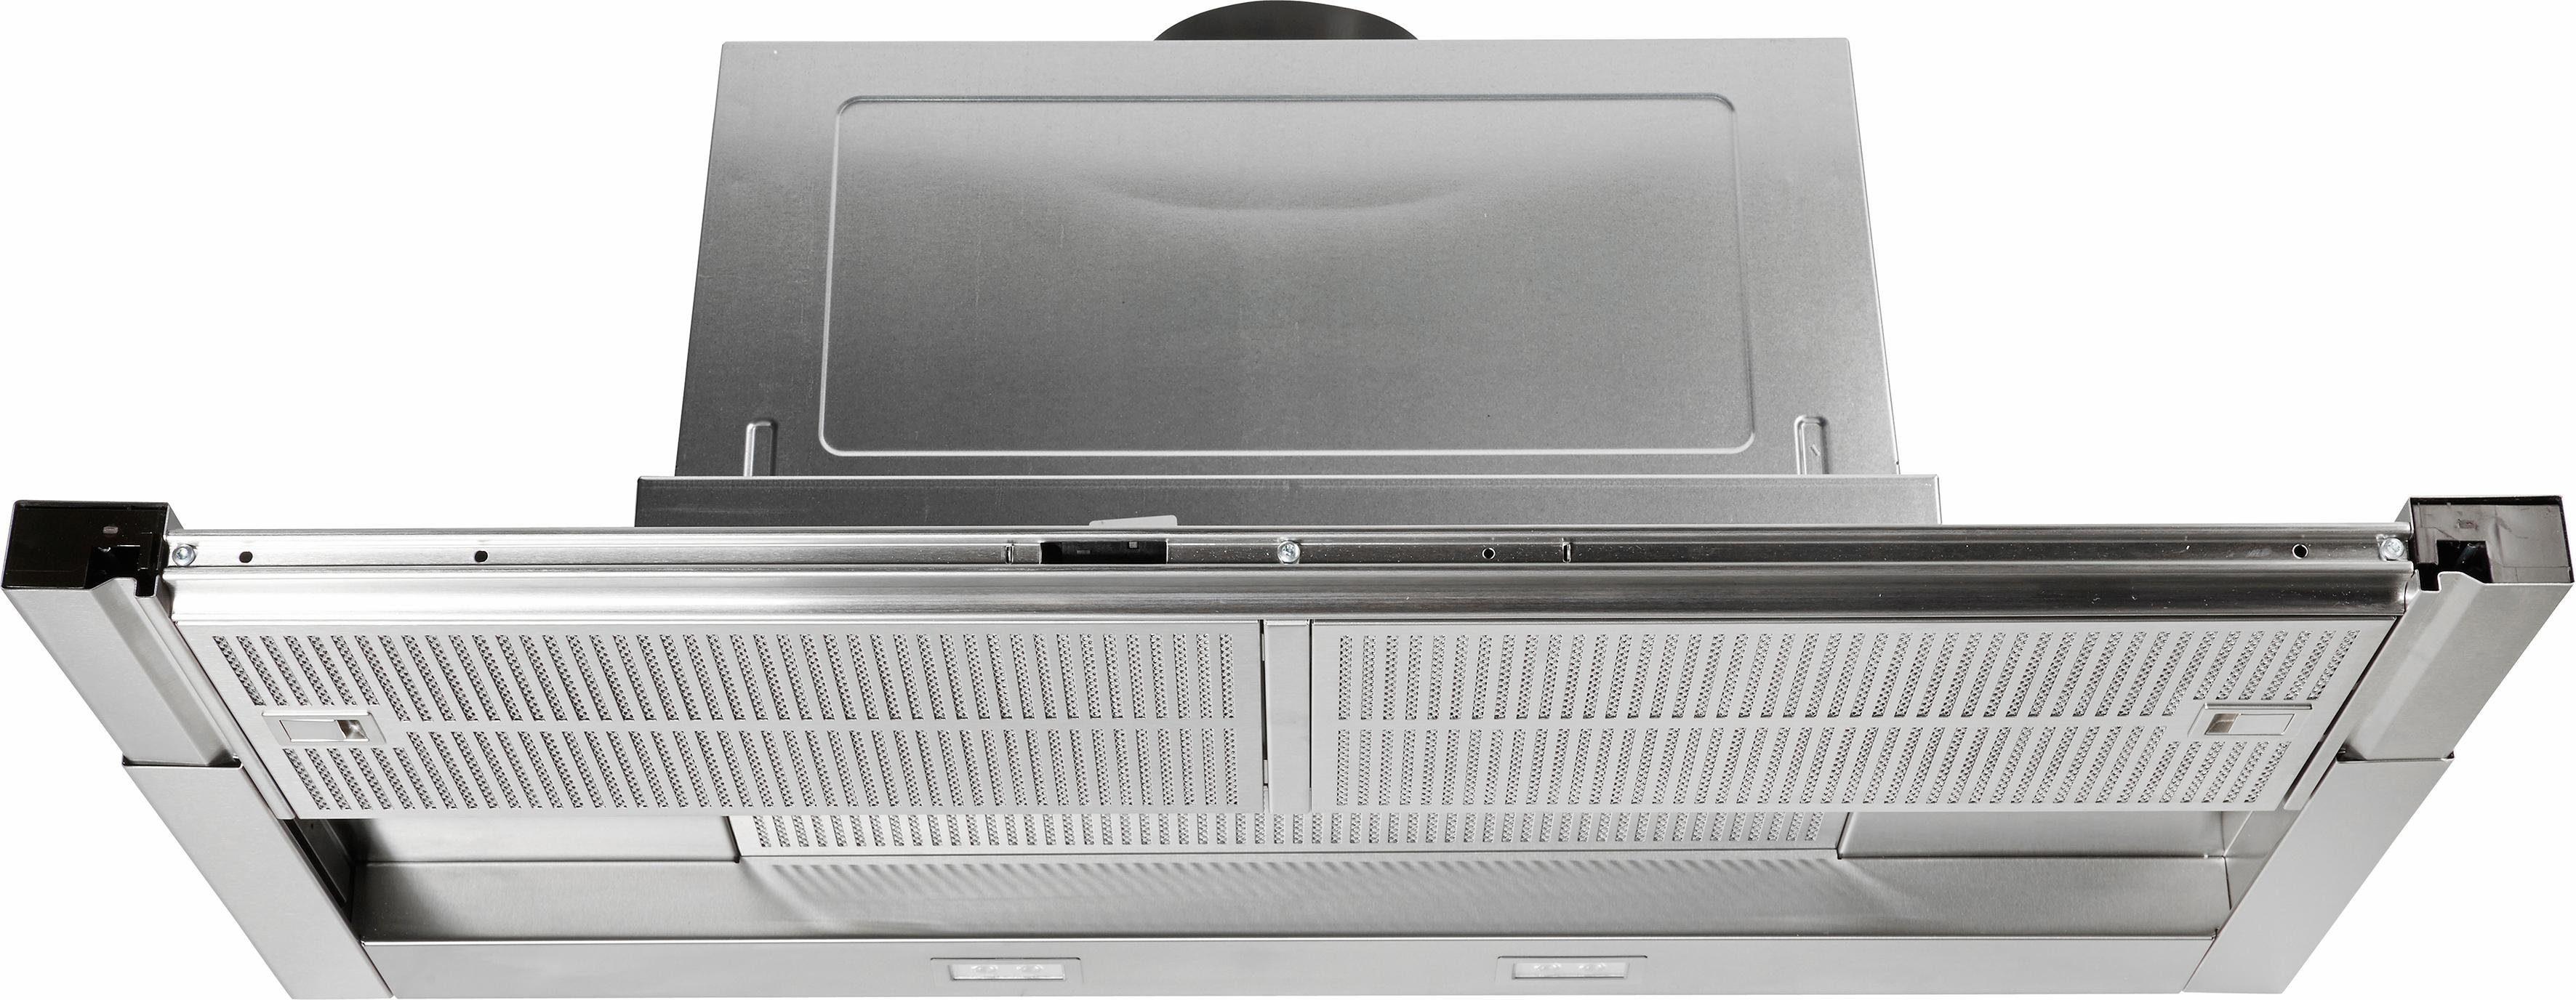 """Bosch Flachschirmhaube Serie 6 """"DFR097T50"""""""